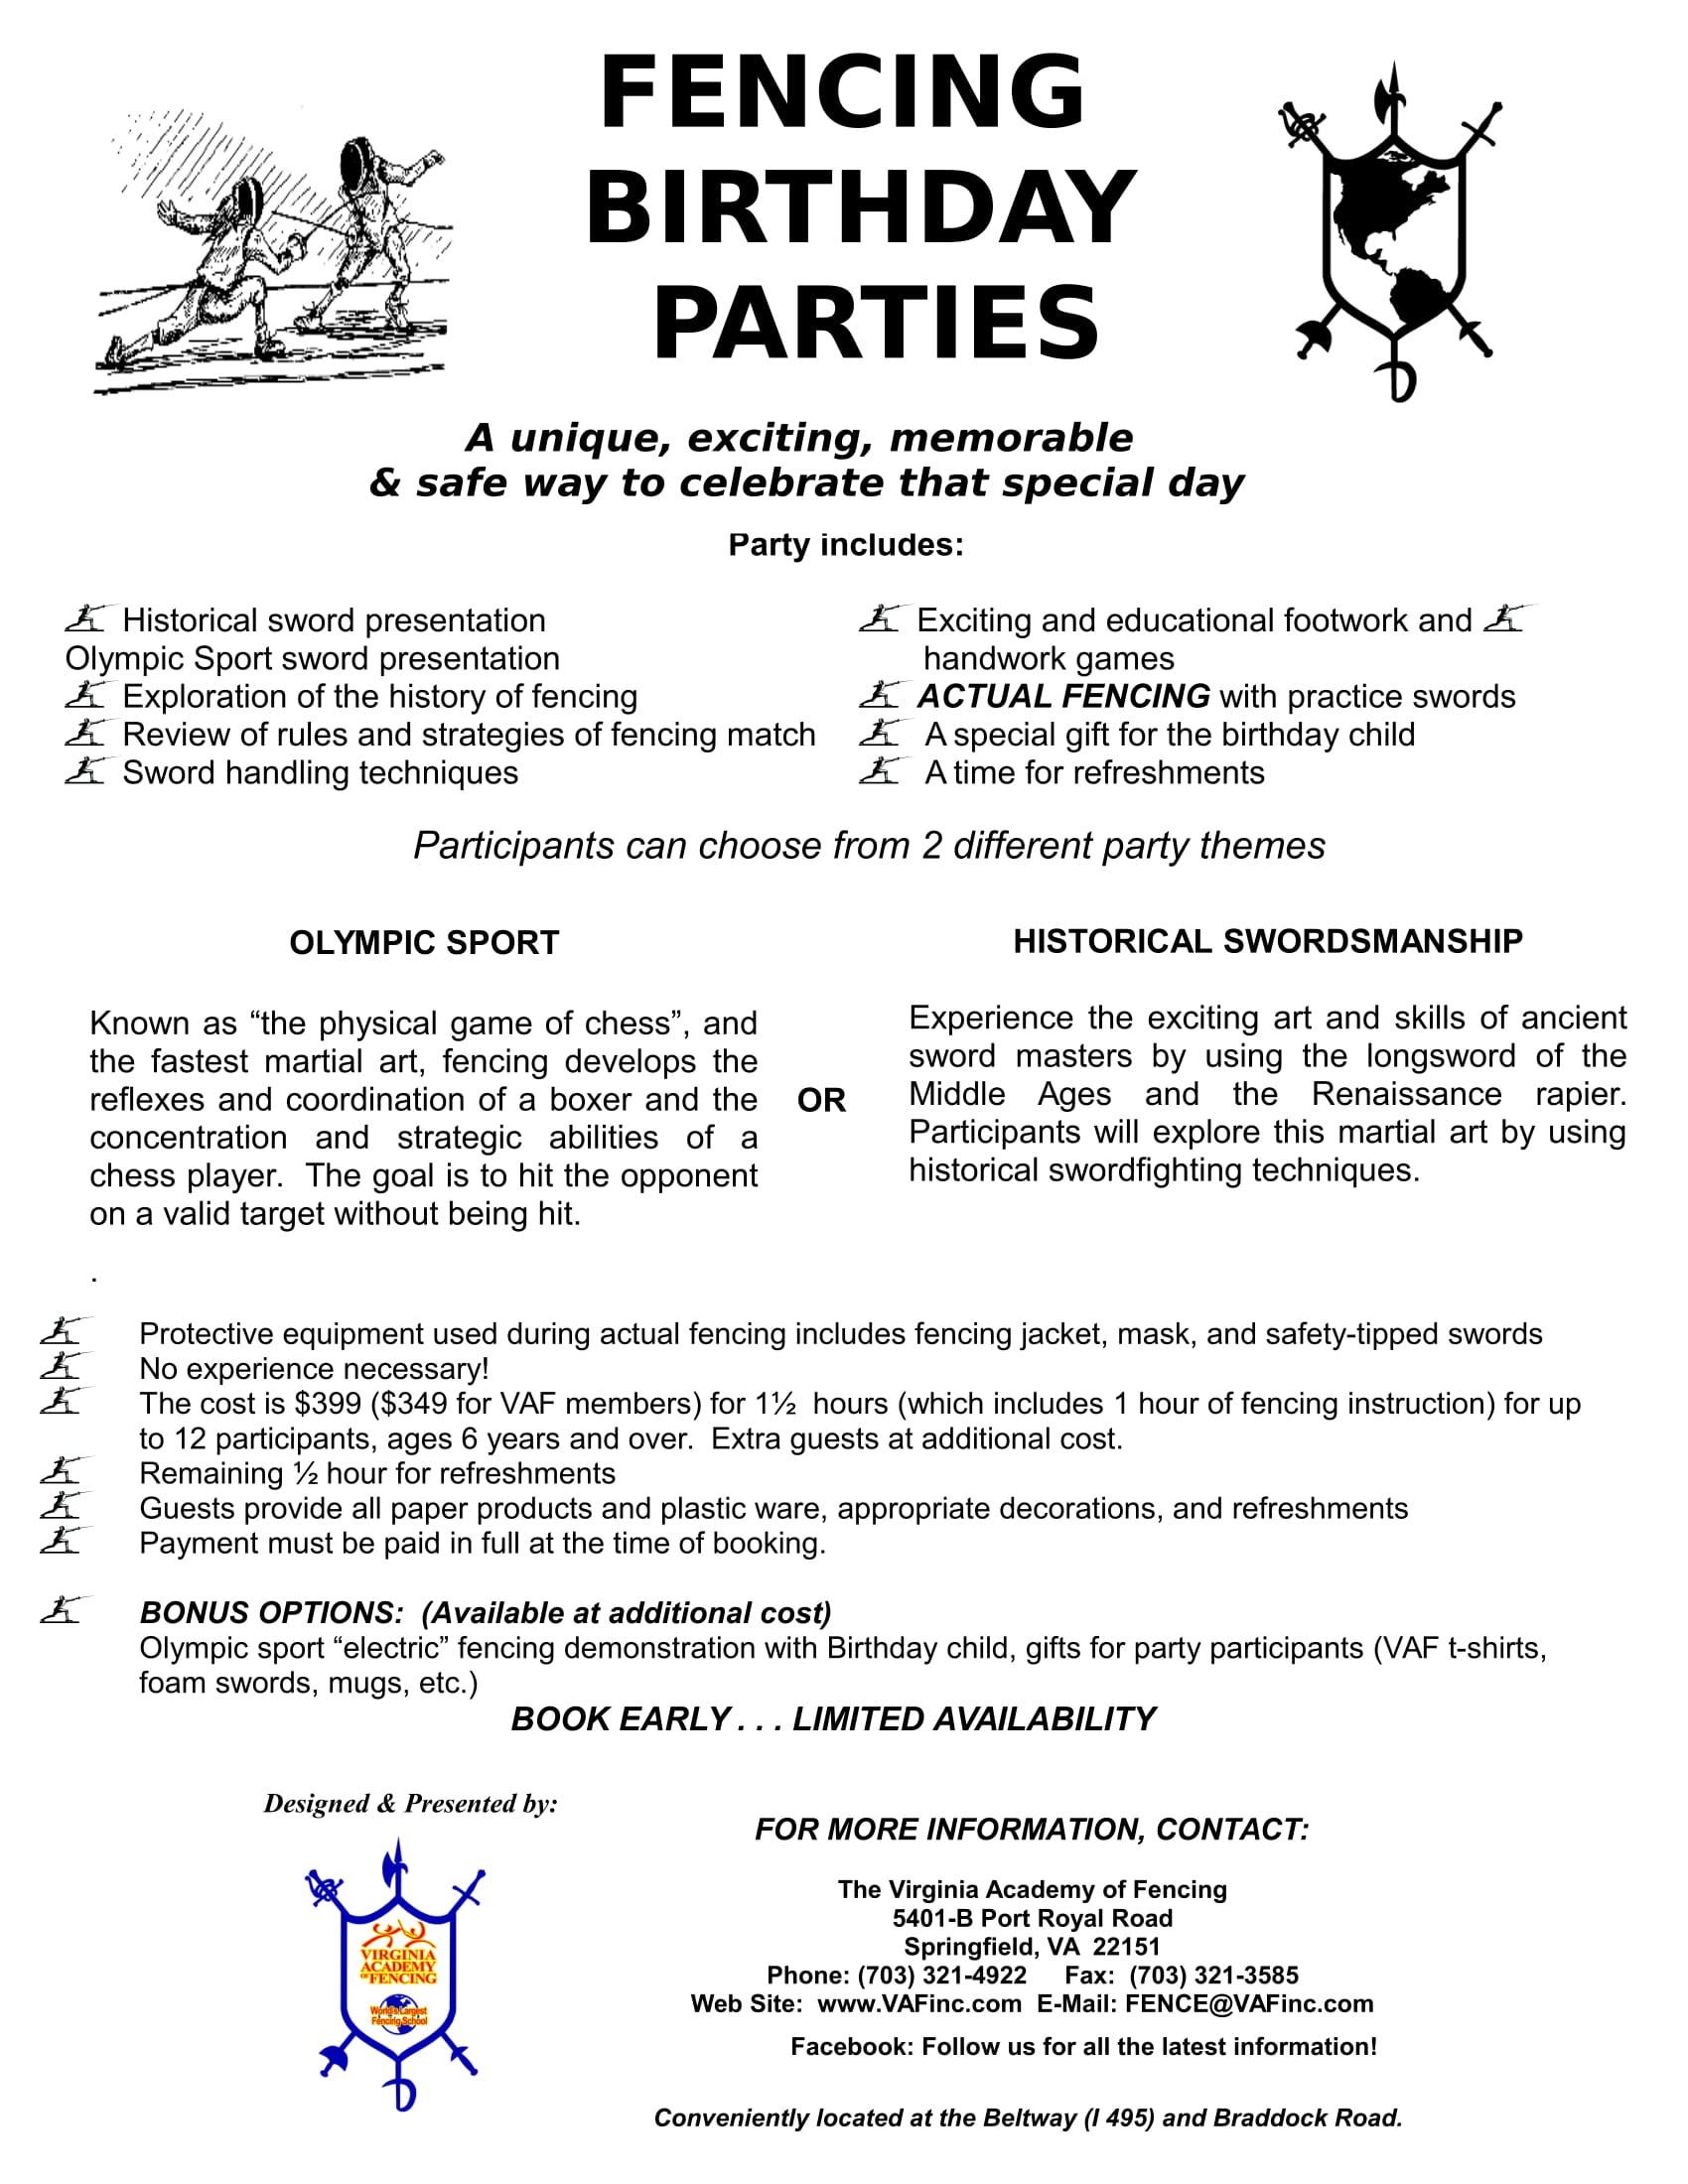 VAF Birthday Party Information-1.jpg